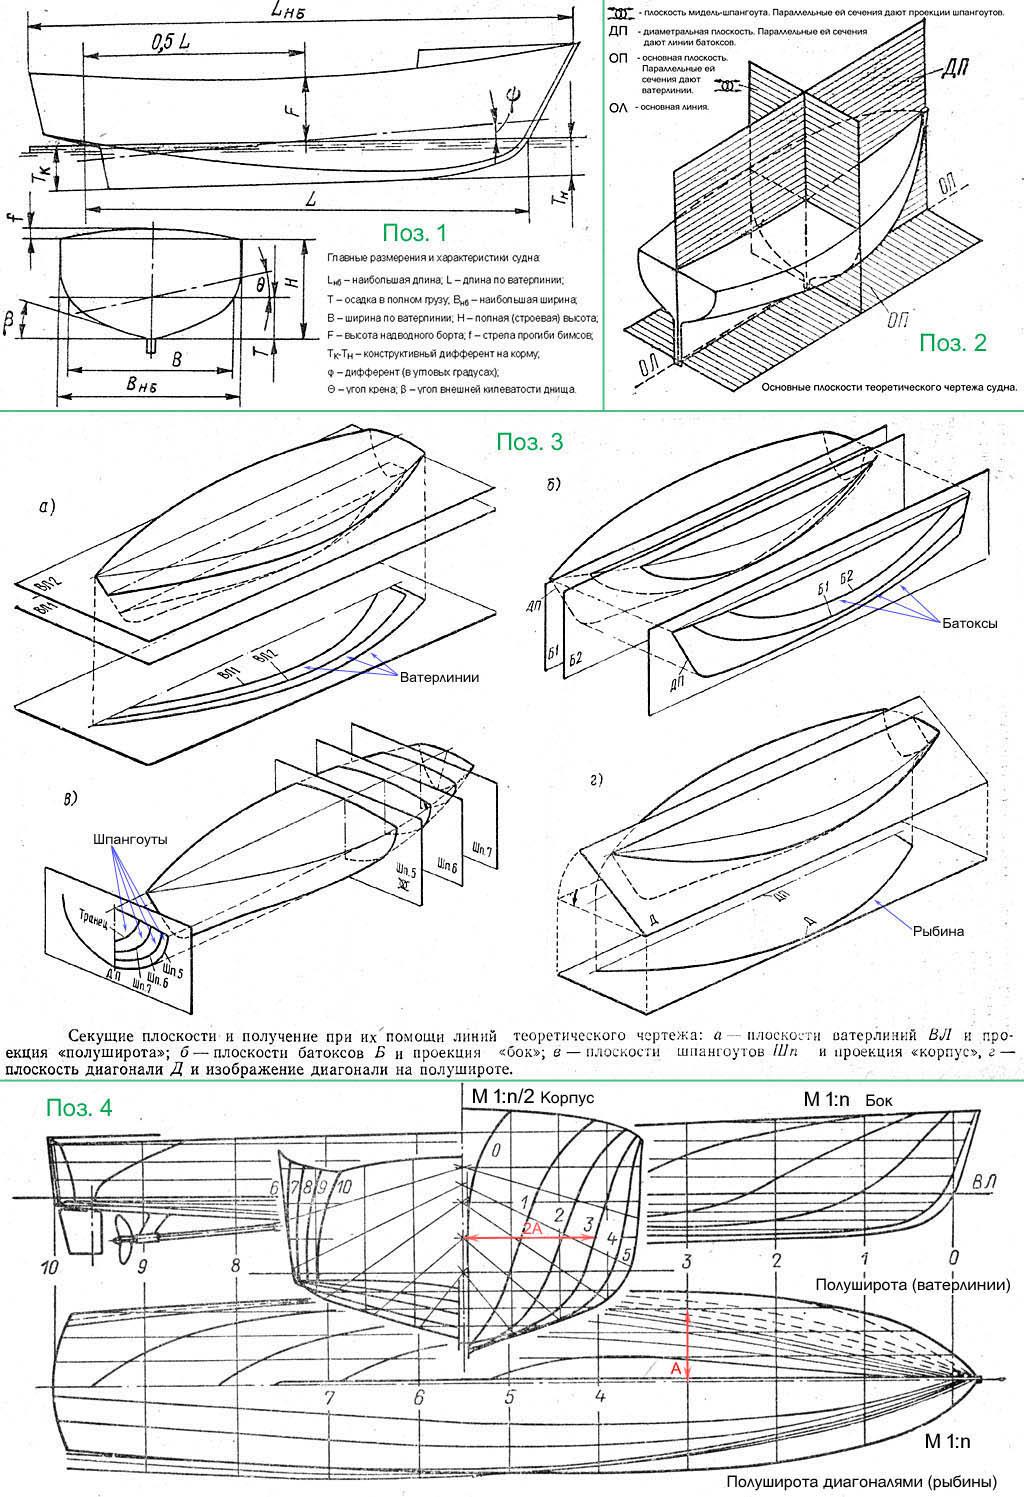 Построение теоретического чертежа судна. К., Н77